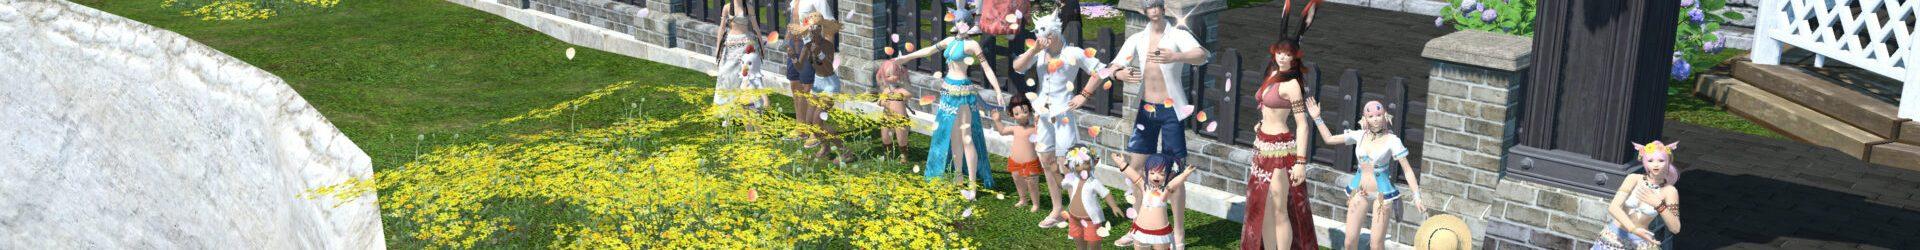 紅蓮祭に合わせて水着集会、メンバーのエタバン